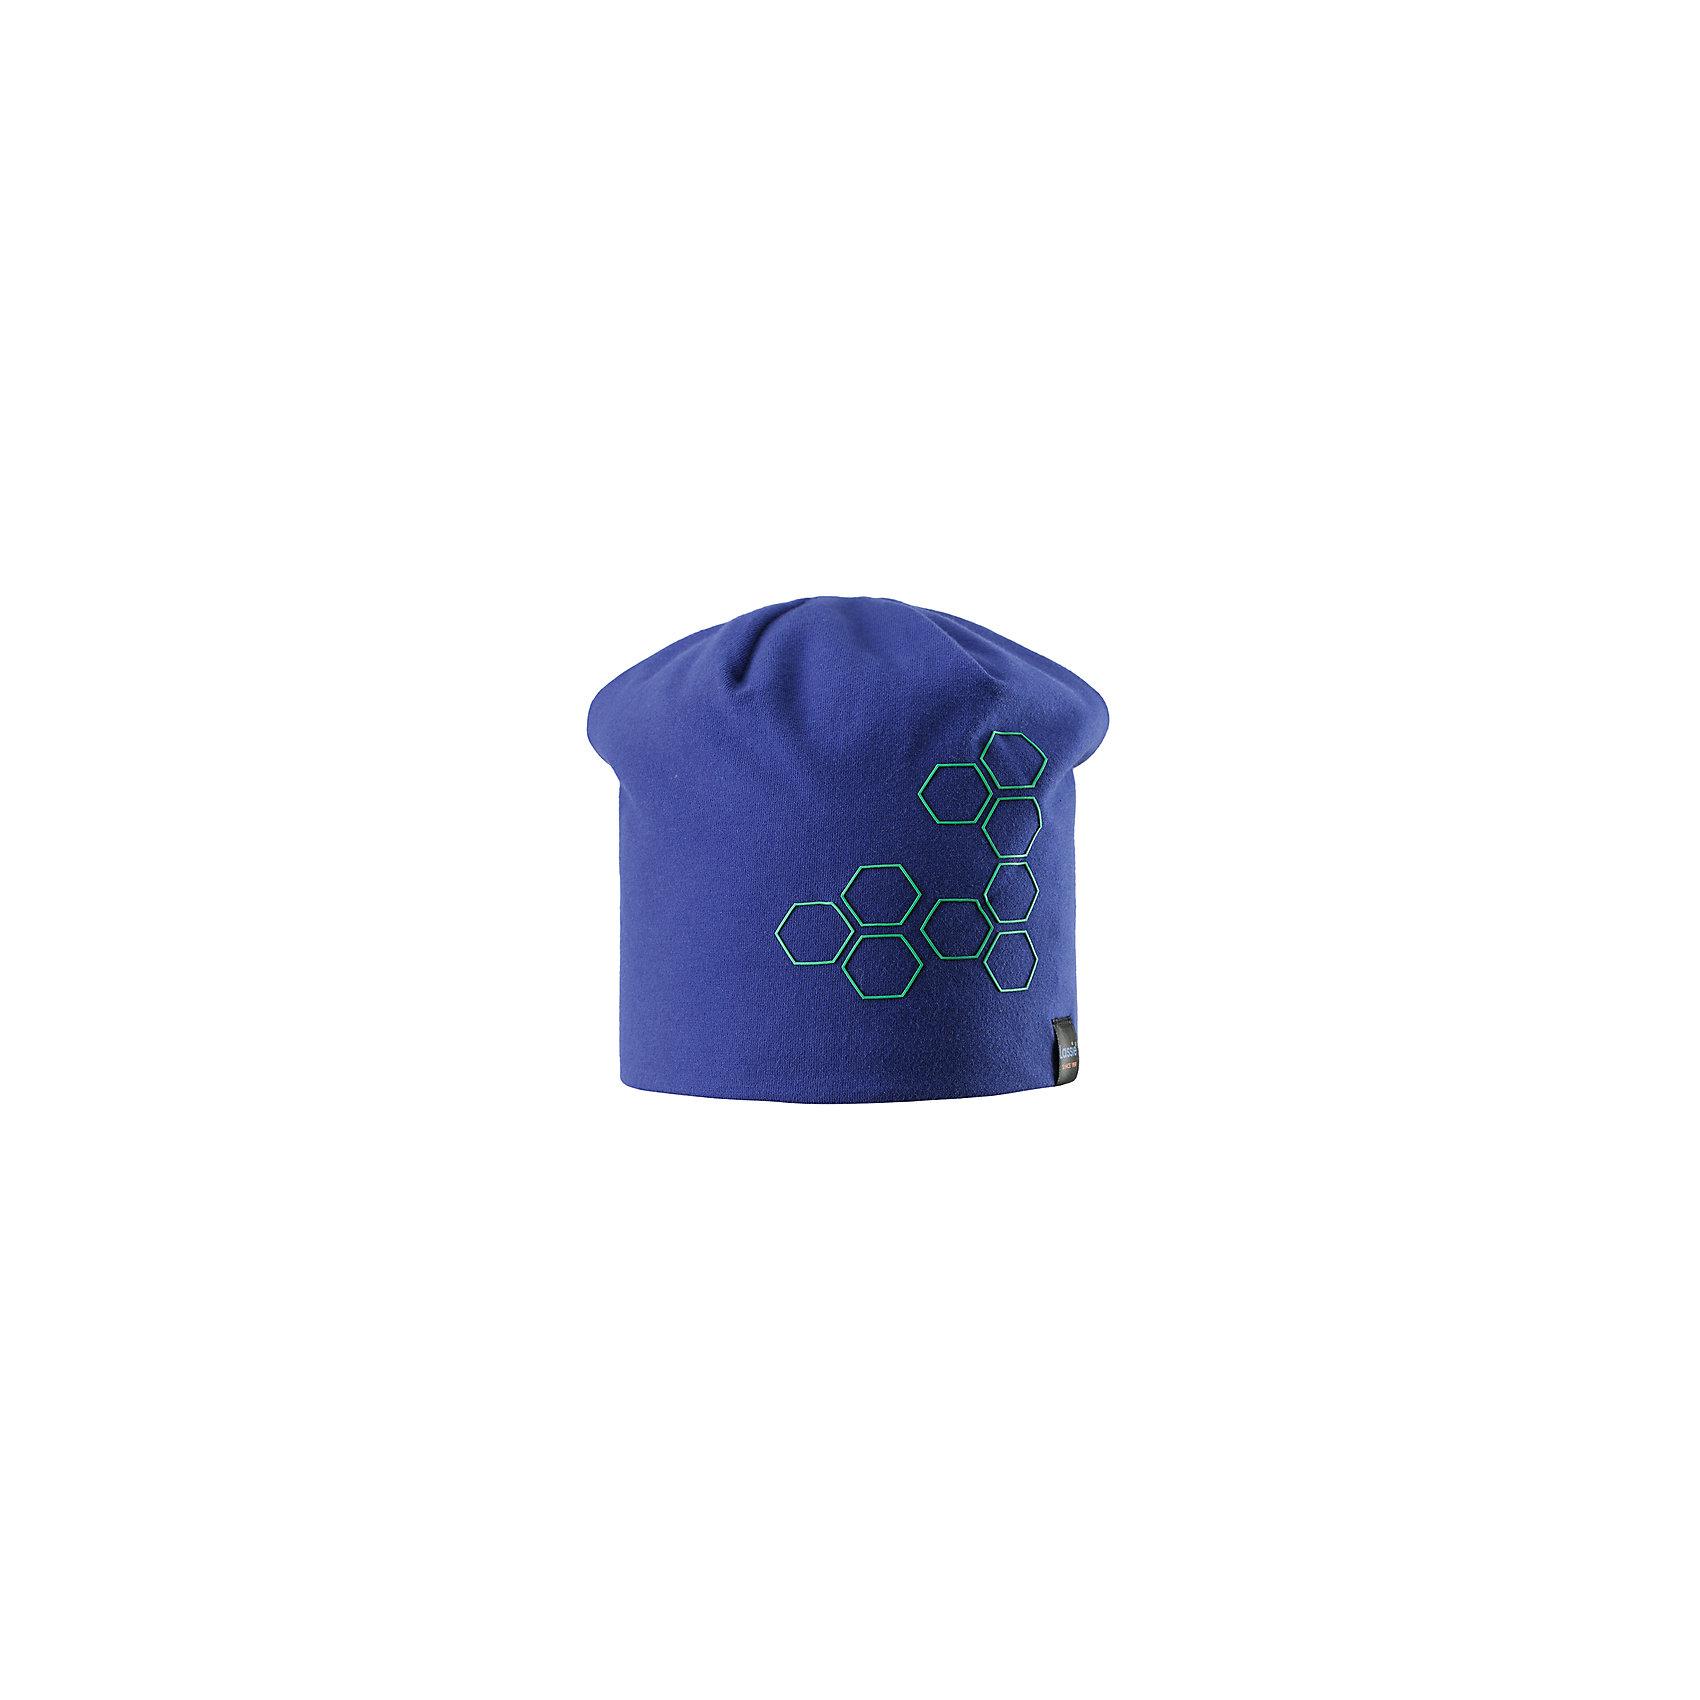 Шапка  LASSIEШапки и шарфы<br>Характеристики товара:<br><br>• цвет: синий<br>• состав: 95% хлопок, 5% эластан<br>• эластичный материал<br>• мягкая сплошная подкладка: флис<br>• принт<br>• ветронепроницаемые вставки в области ушей<br>• декоративная эмблема<br>• комфортная посадка<br>• страна производства: Китай<br>• страна бренда: Финляндия<br>• коллекция: весна-лето 2017<br><br>Детский головной убор может быть модным и удобным одновременно! Стильная шапка поможет обеспечить ребенку комфорт и дополнить наряд. Она отлично смотрится с различной одеждой. Шапка удобно сидит и аккуратно выглядит. Проста в уходе, долго служит. Продуманный крой разрабатывался специально для детей.<br><br>Обувь и одежда от финского бренда LASSIE пользуются популярностью во многих странах. Они стильные, качественные и удобные. Для производства продукции используются только безопасные, проверенные материалы и фурнитура. Порадуйте ребенка модными и красивыми вещами от Lassie®! <br><br>Шапку от финского бренда LASSIE можно купить в нашем интернет-магазине.<br><br>Ширина мм: 89<br>Глубина мм: 117<br>Высота мм: 44<br>Вес г: 155<br>Цвет: синий<br>Возраст от месяцев: 72<br>Возраст до месяцев: 120<br>Пол: Унисекс<br>Возраст: Детский<br>Размер: 46-48,50-52,54-56<br>SKU: 5264123